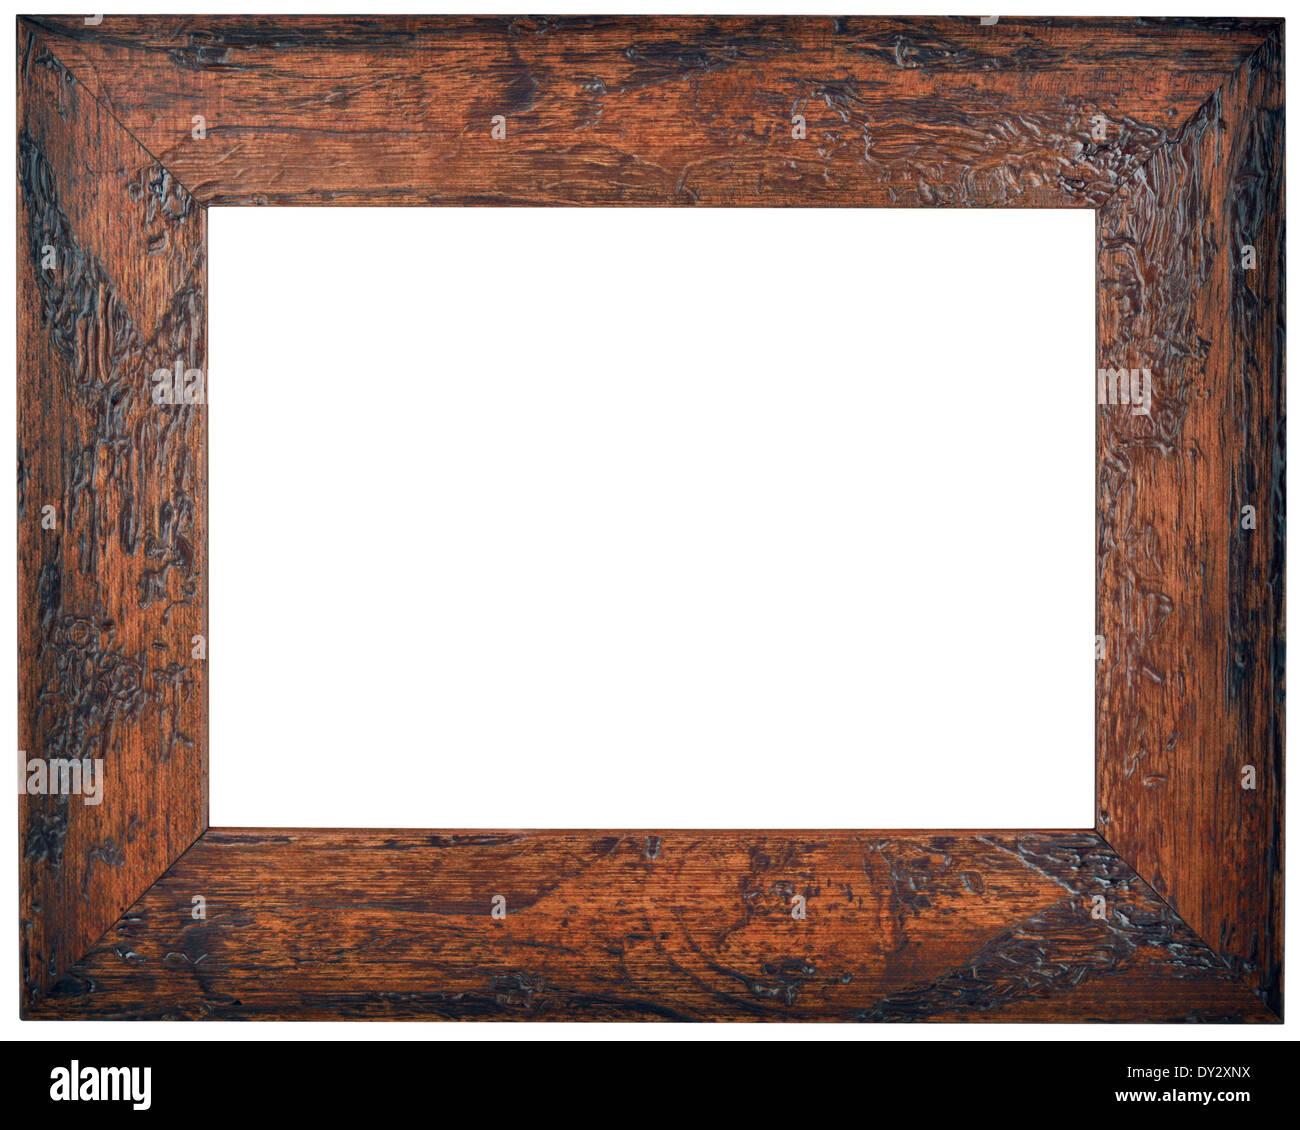 Niedlich Holzbilderrahmen Australien Galerie - Benutzerdefinierte ...